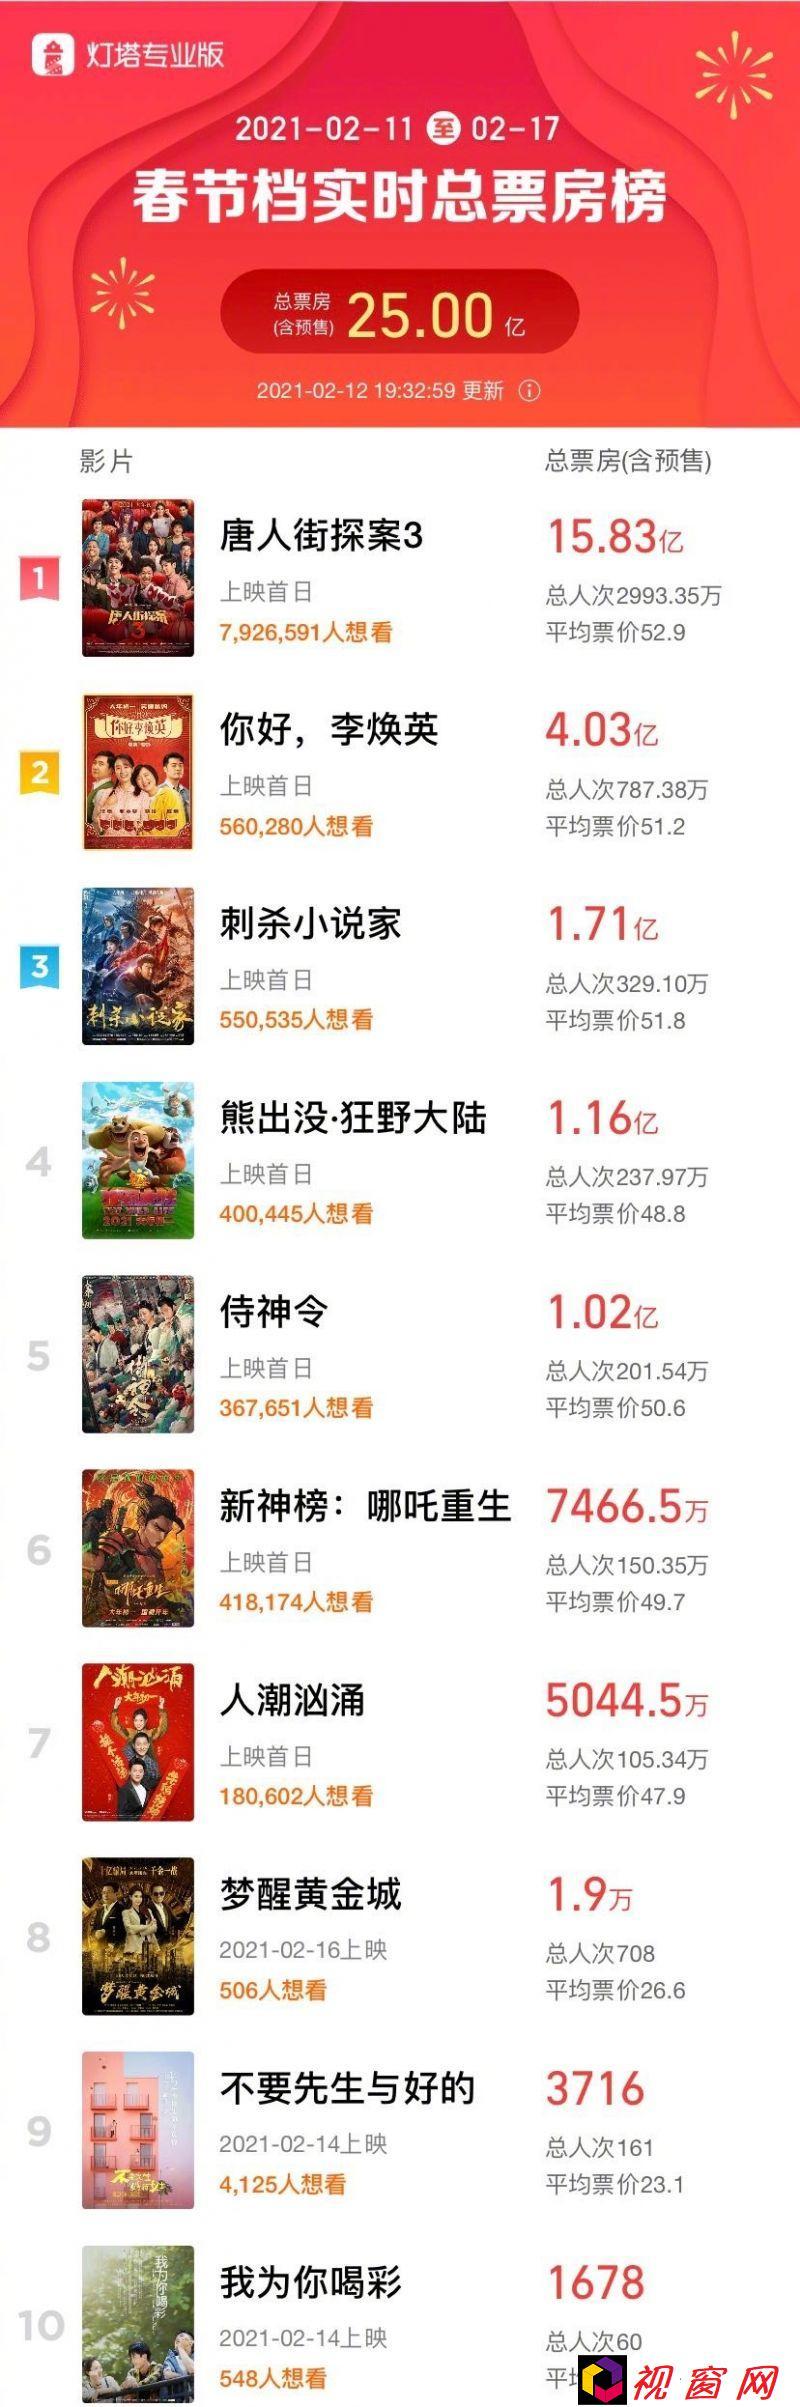 2021最强春节档总票房破25亿!电影《唐人街探案3》一骑绝尘暂列票房榜首!